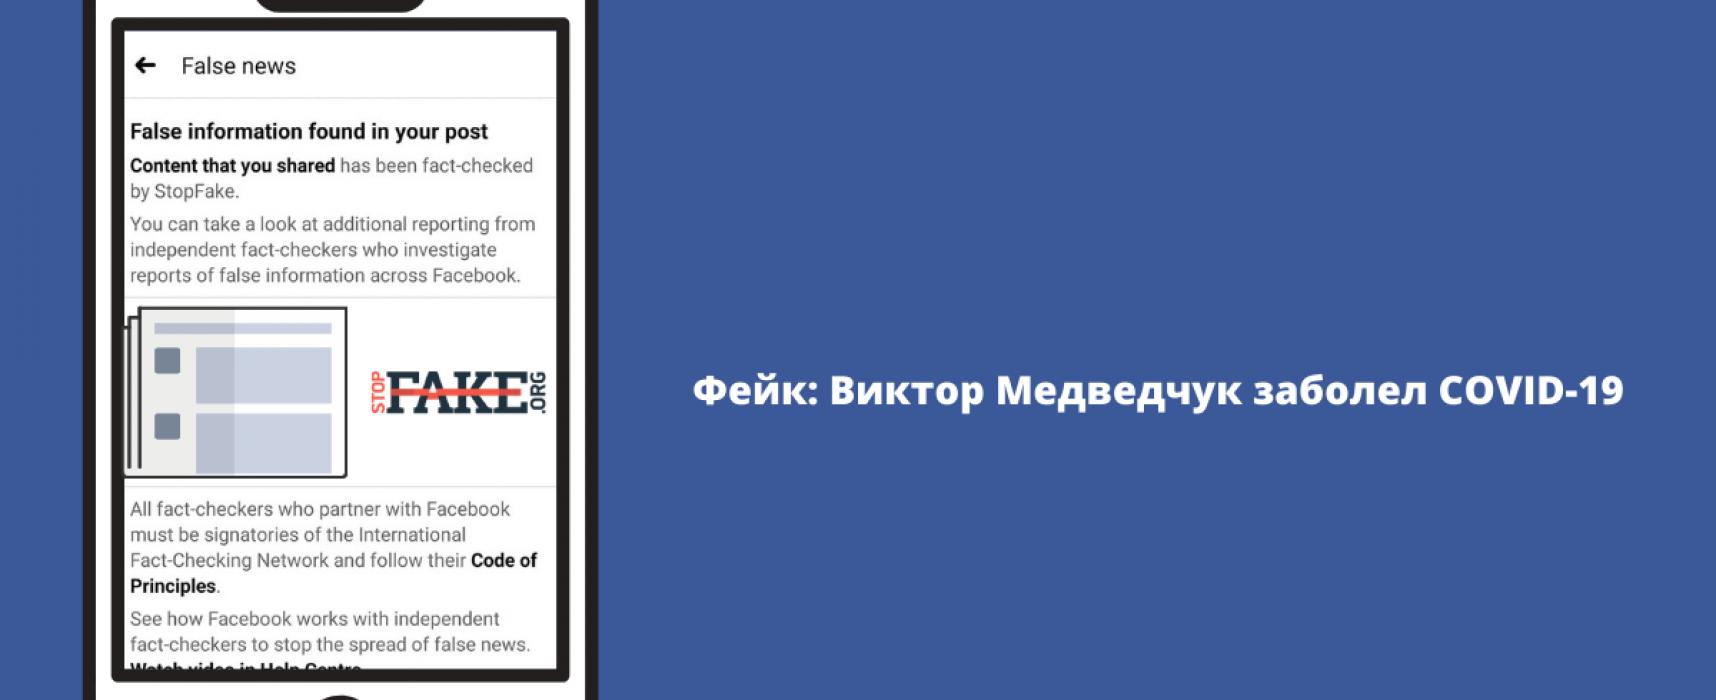 Фейк: Віктор Медведчук захворів на COVID-19